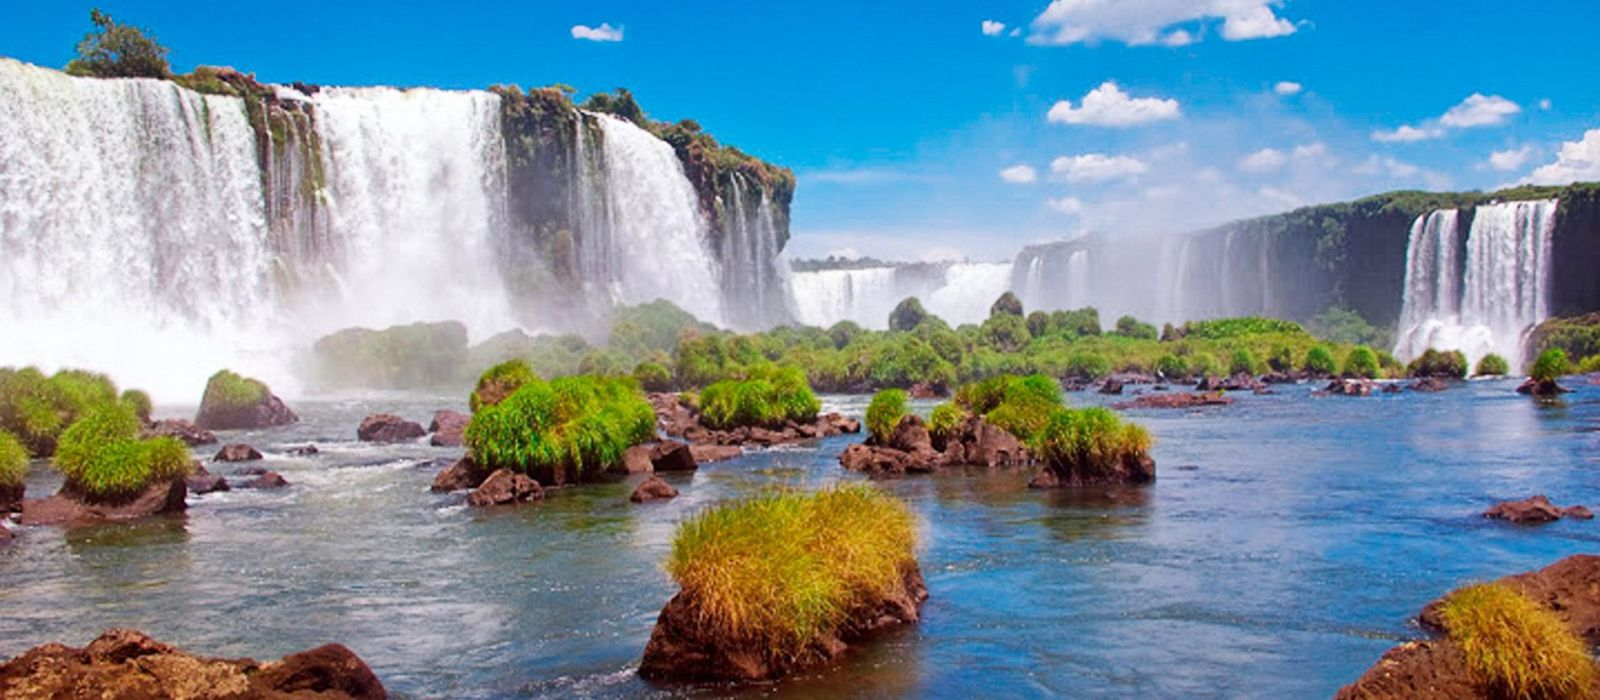 Reiseziel Foz do Iguaçu Brasilien